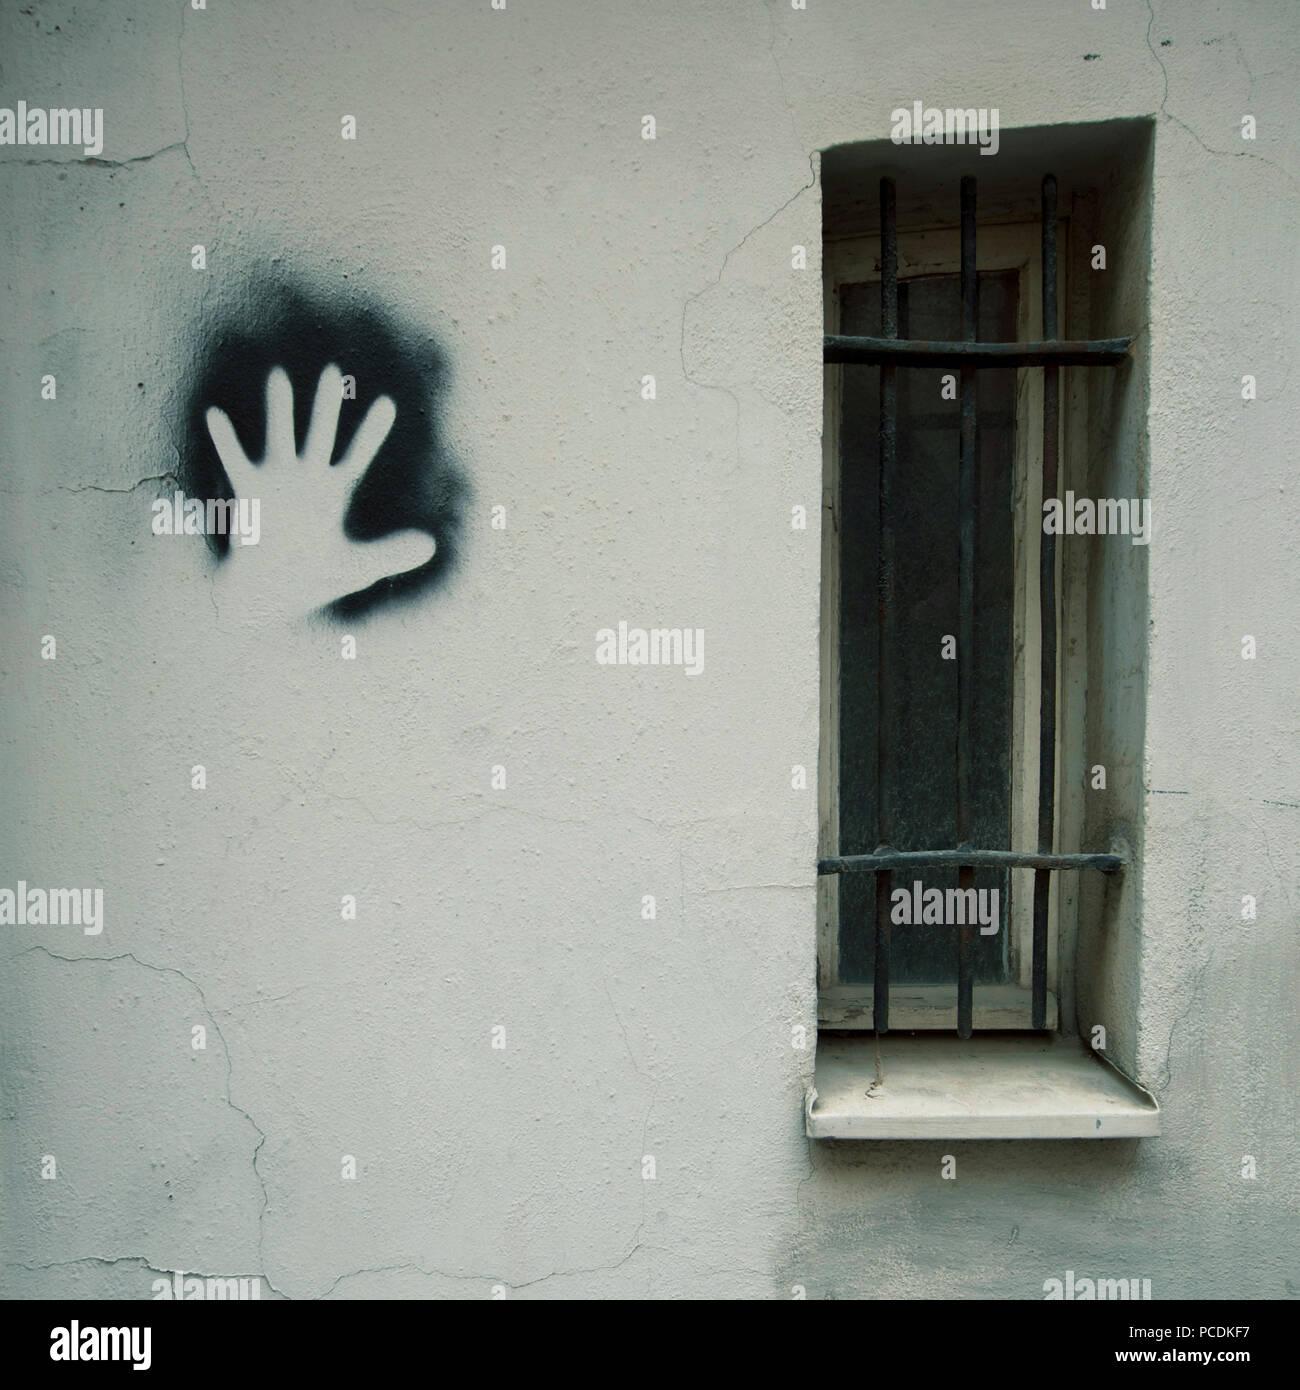 Prigione,catturato,i diritti dell'uomo,liberazione Immagini Stock